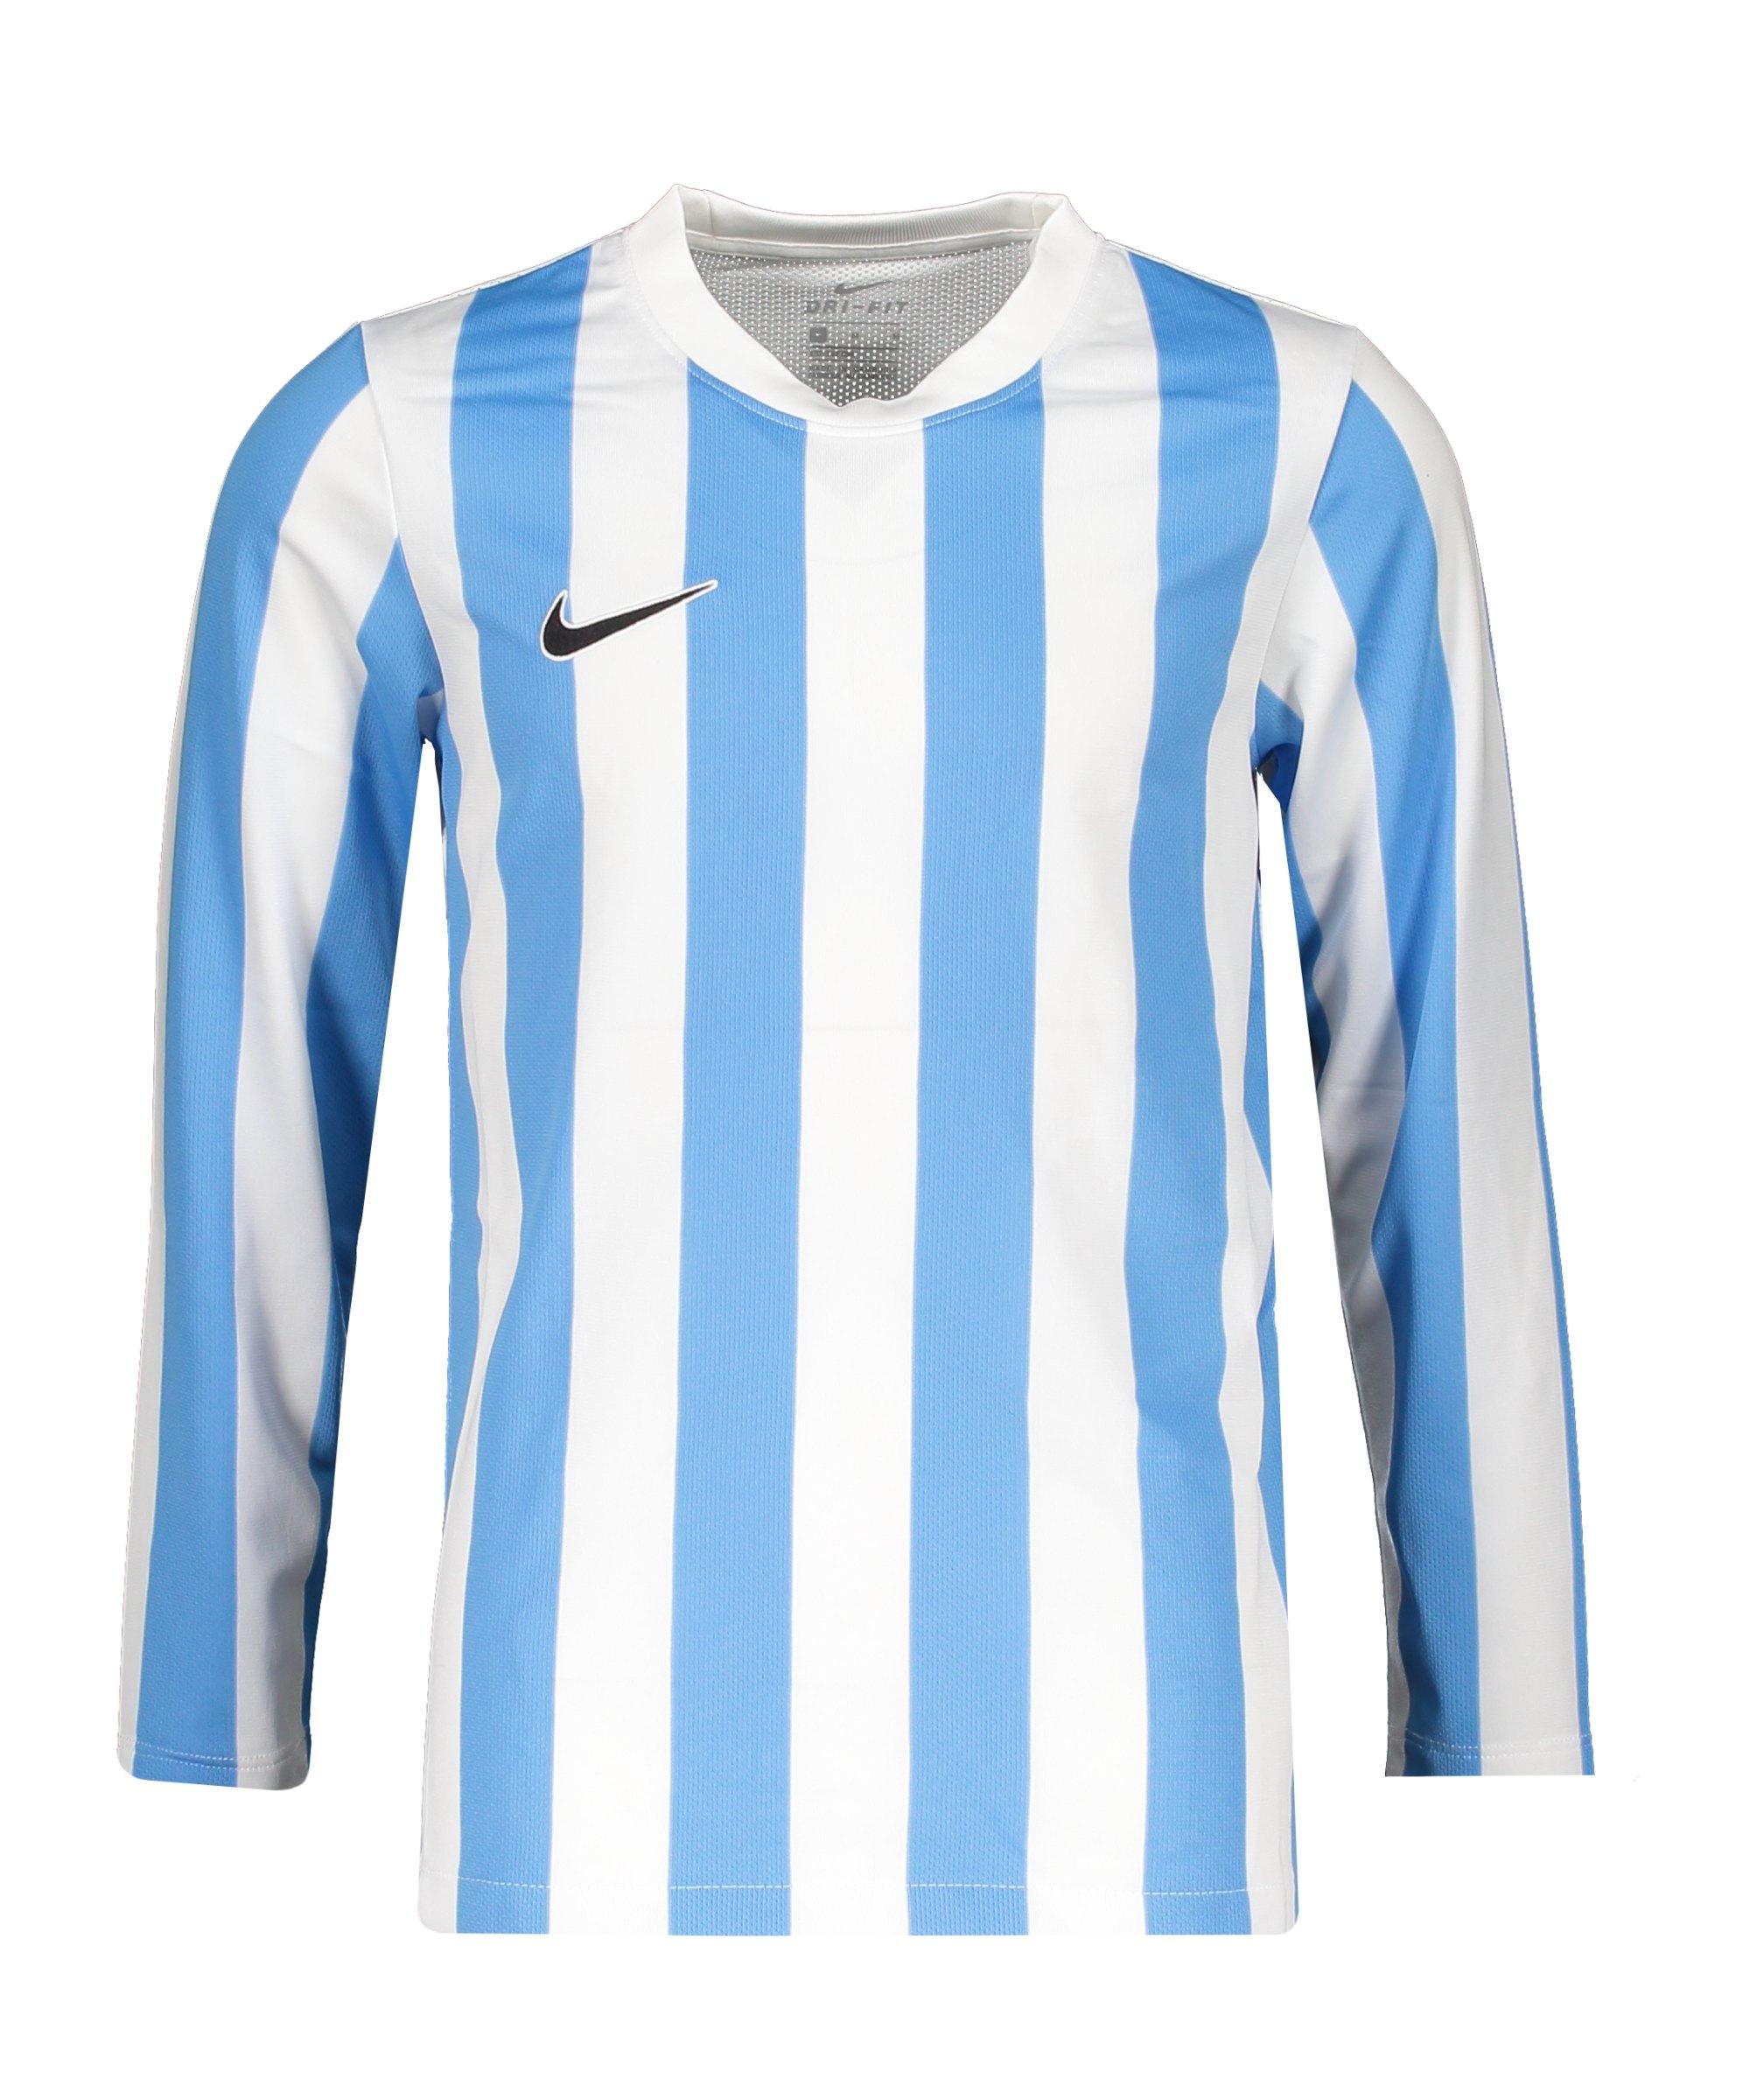 Nike Division IV Striped Trikot langarm Kids F103 - weiss